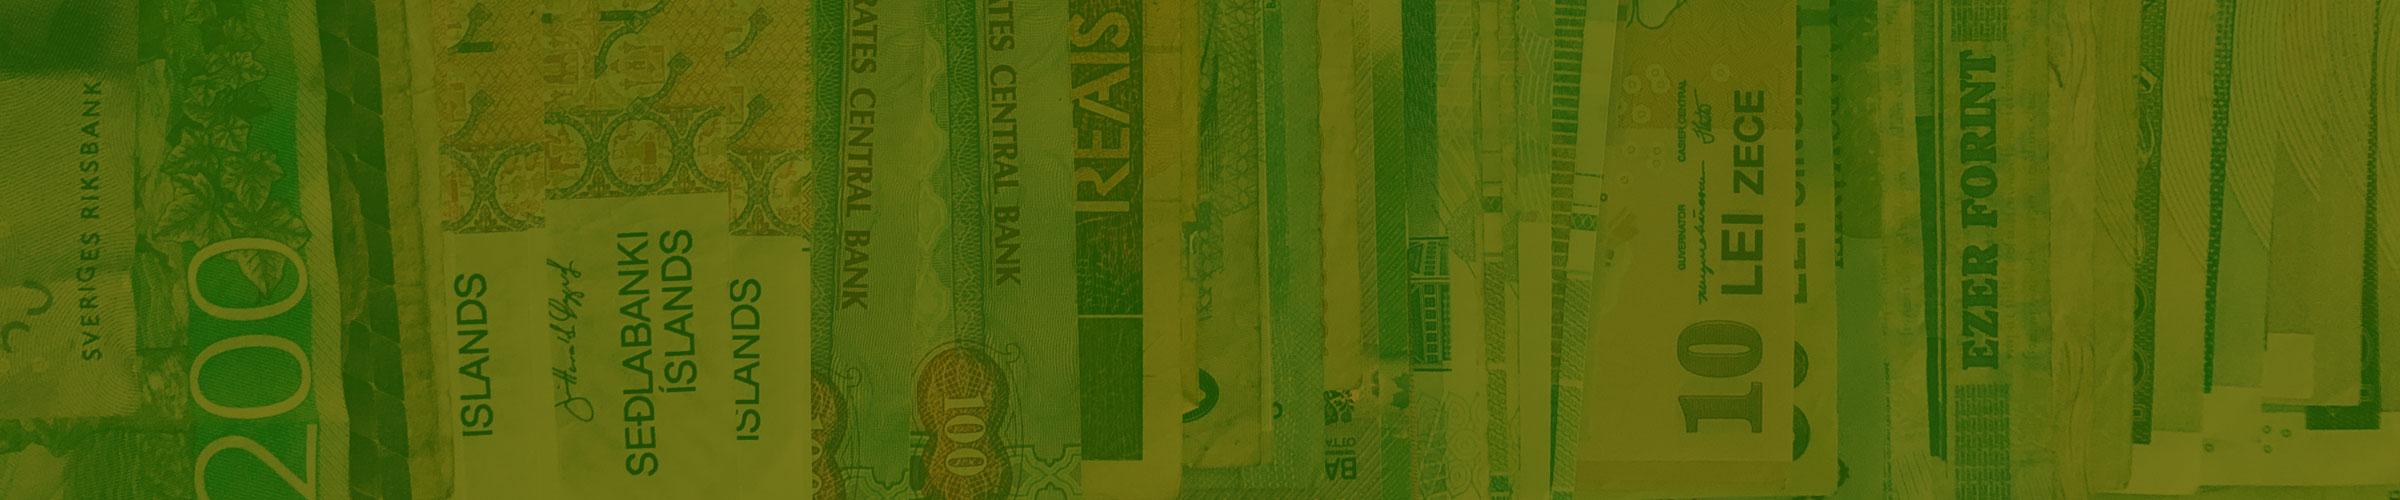 お金を借りるセレクトヘッダー背景画像